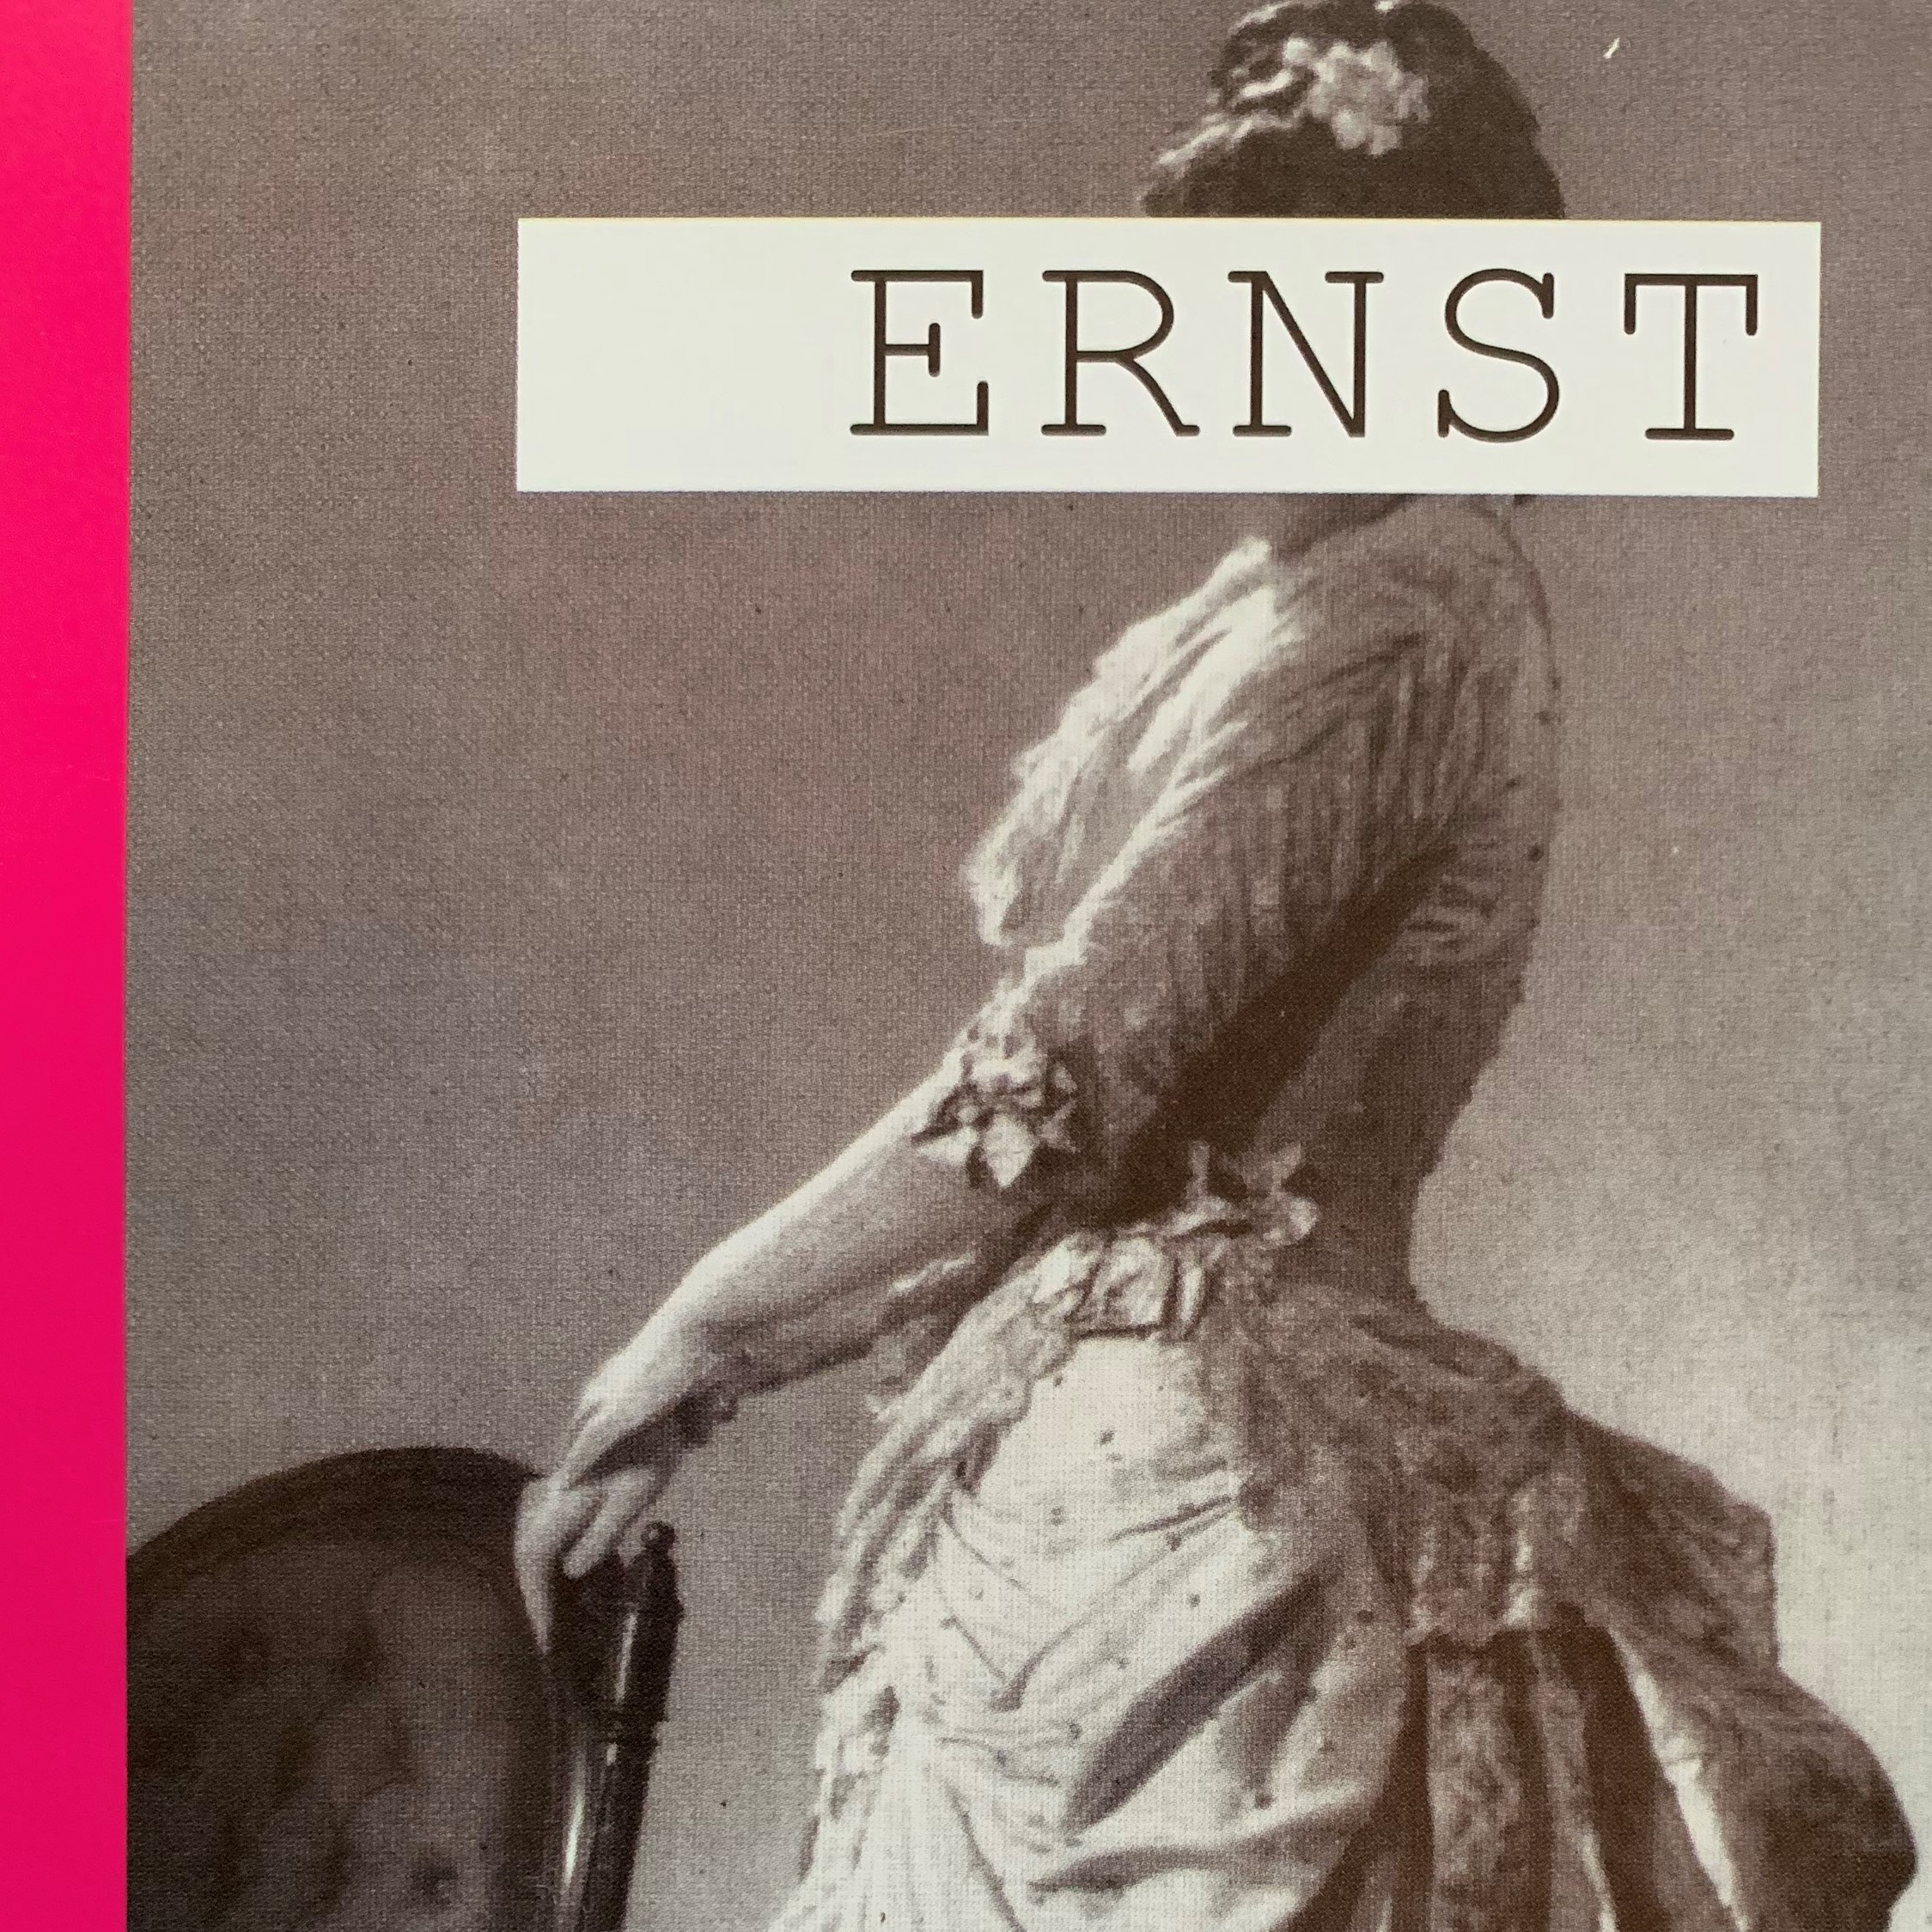 Ernst 4